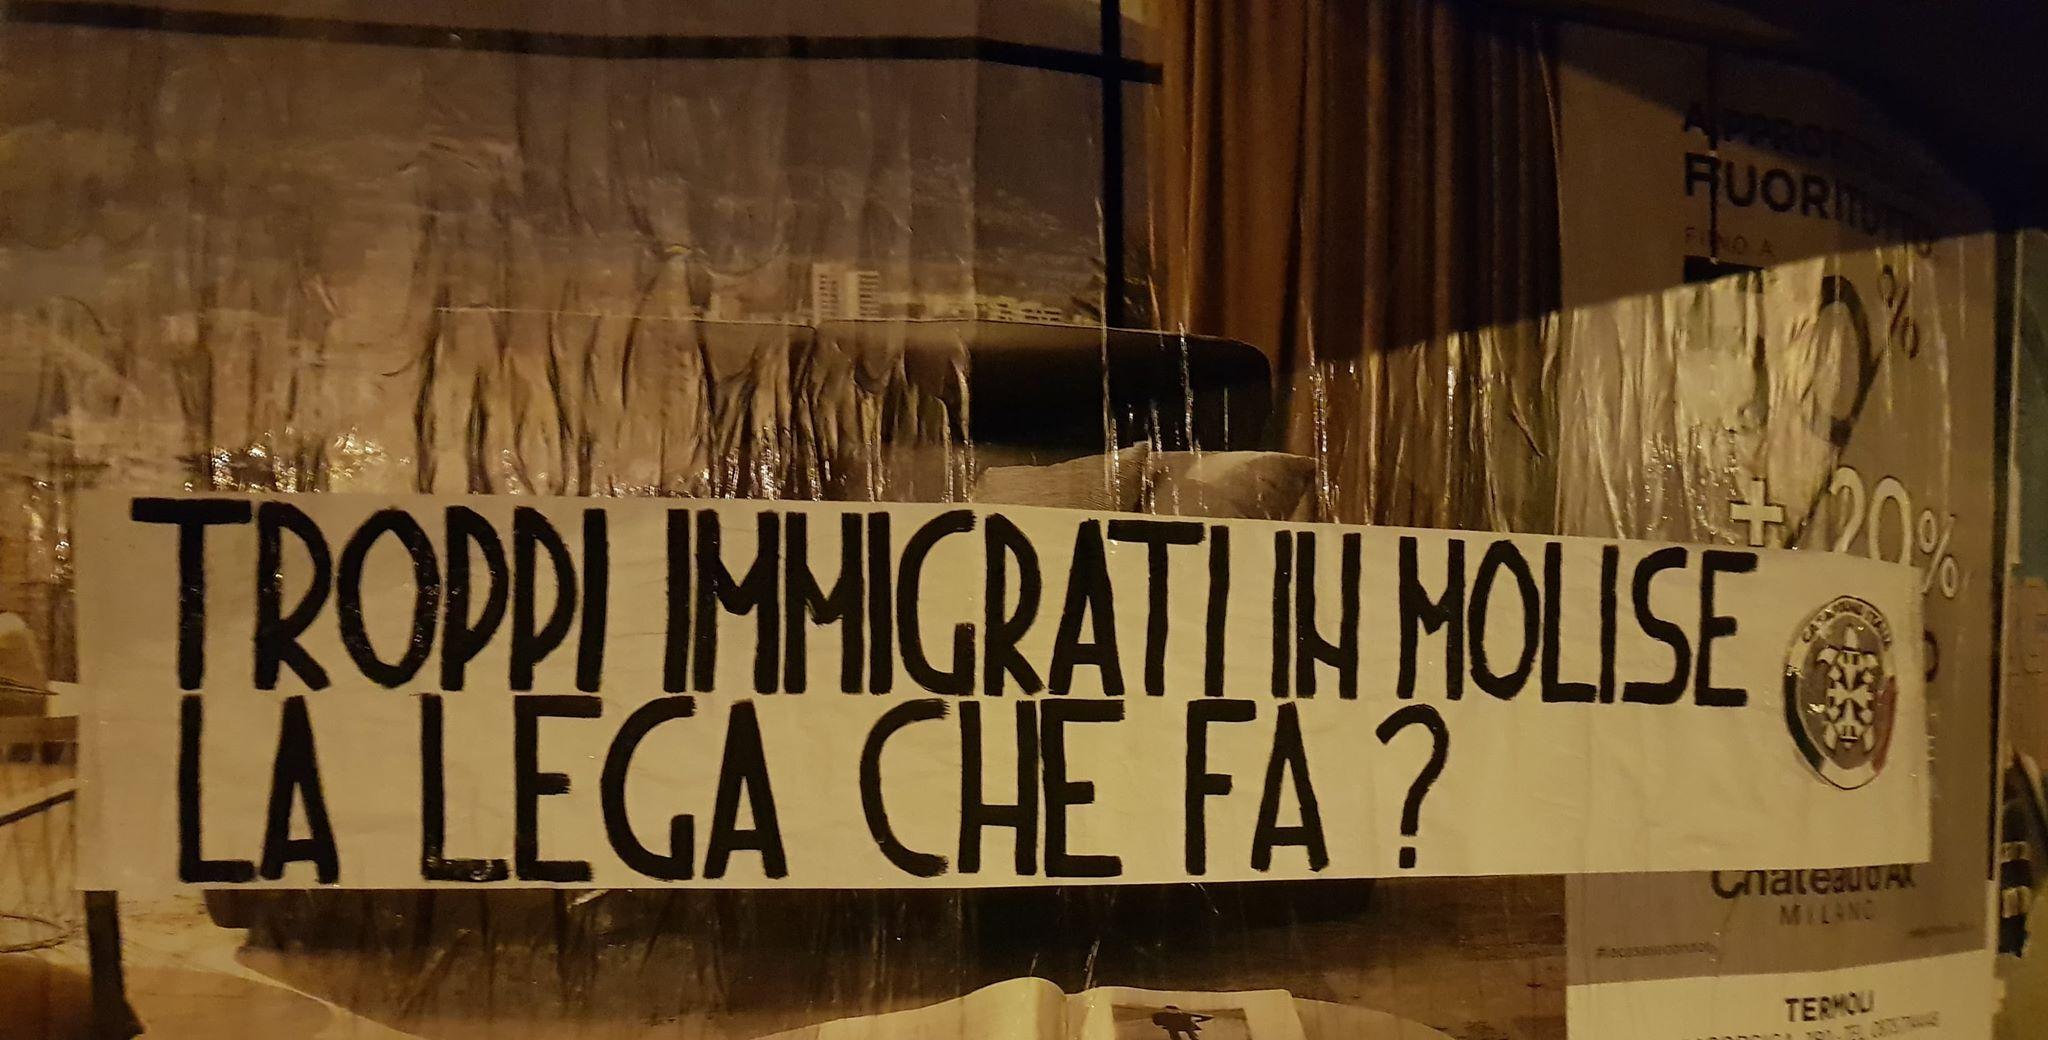 Caos immigrazione in Molise, Casapound incalza la Lega